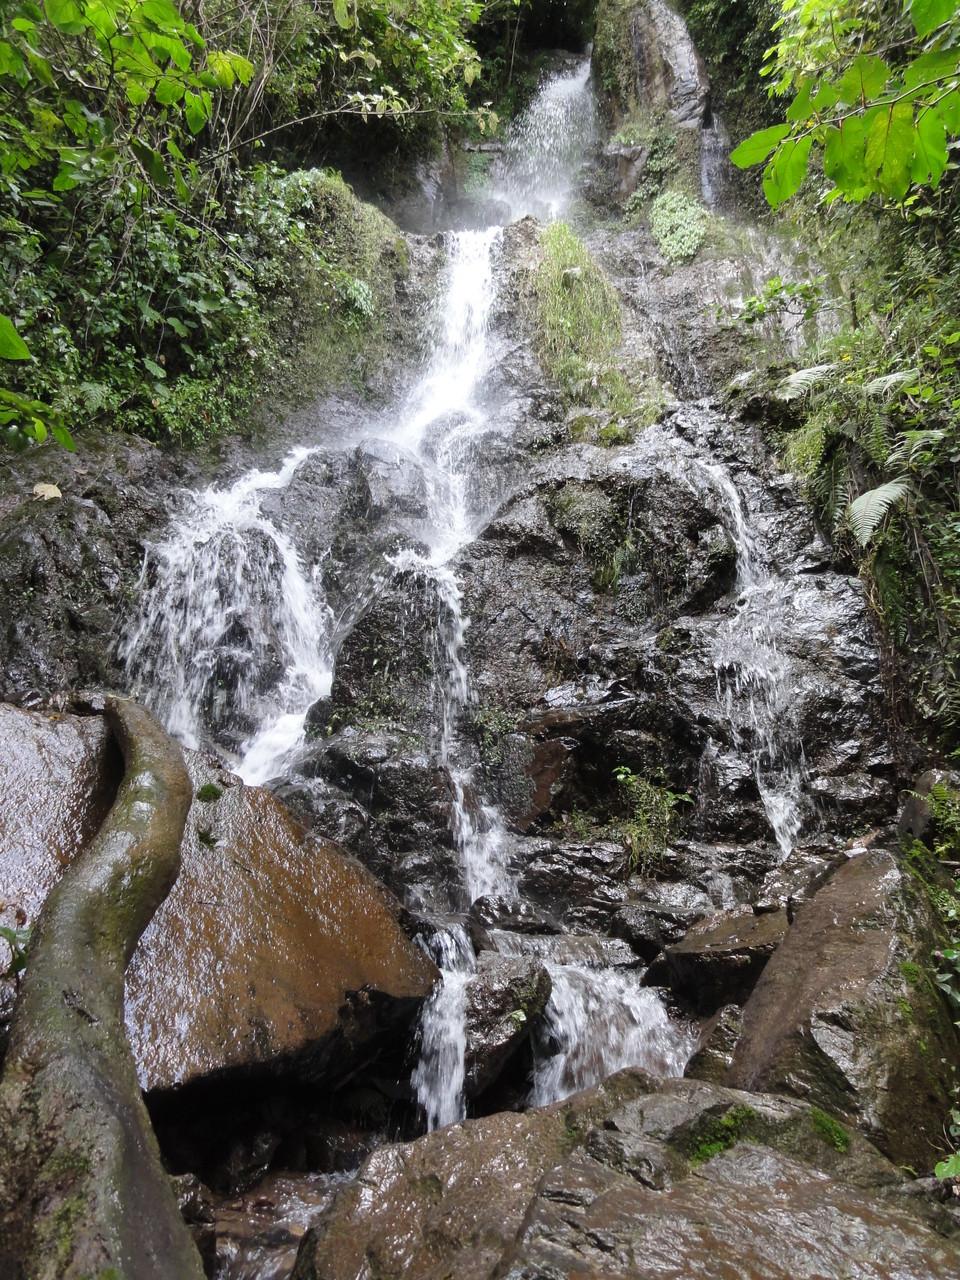 el lugar está bendecido de agua pura...